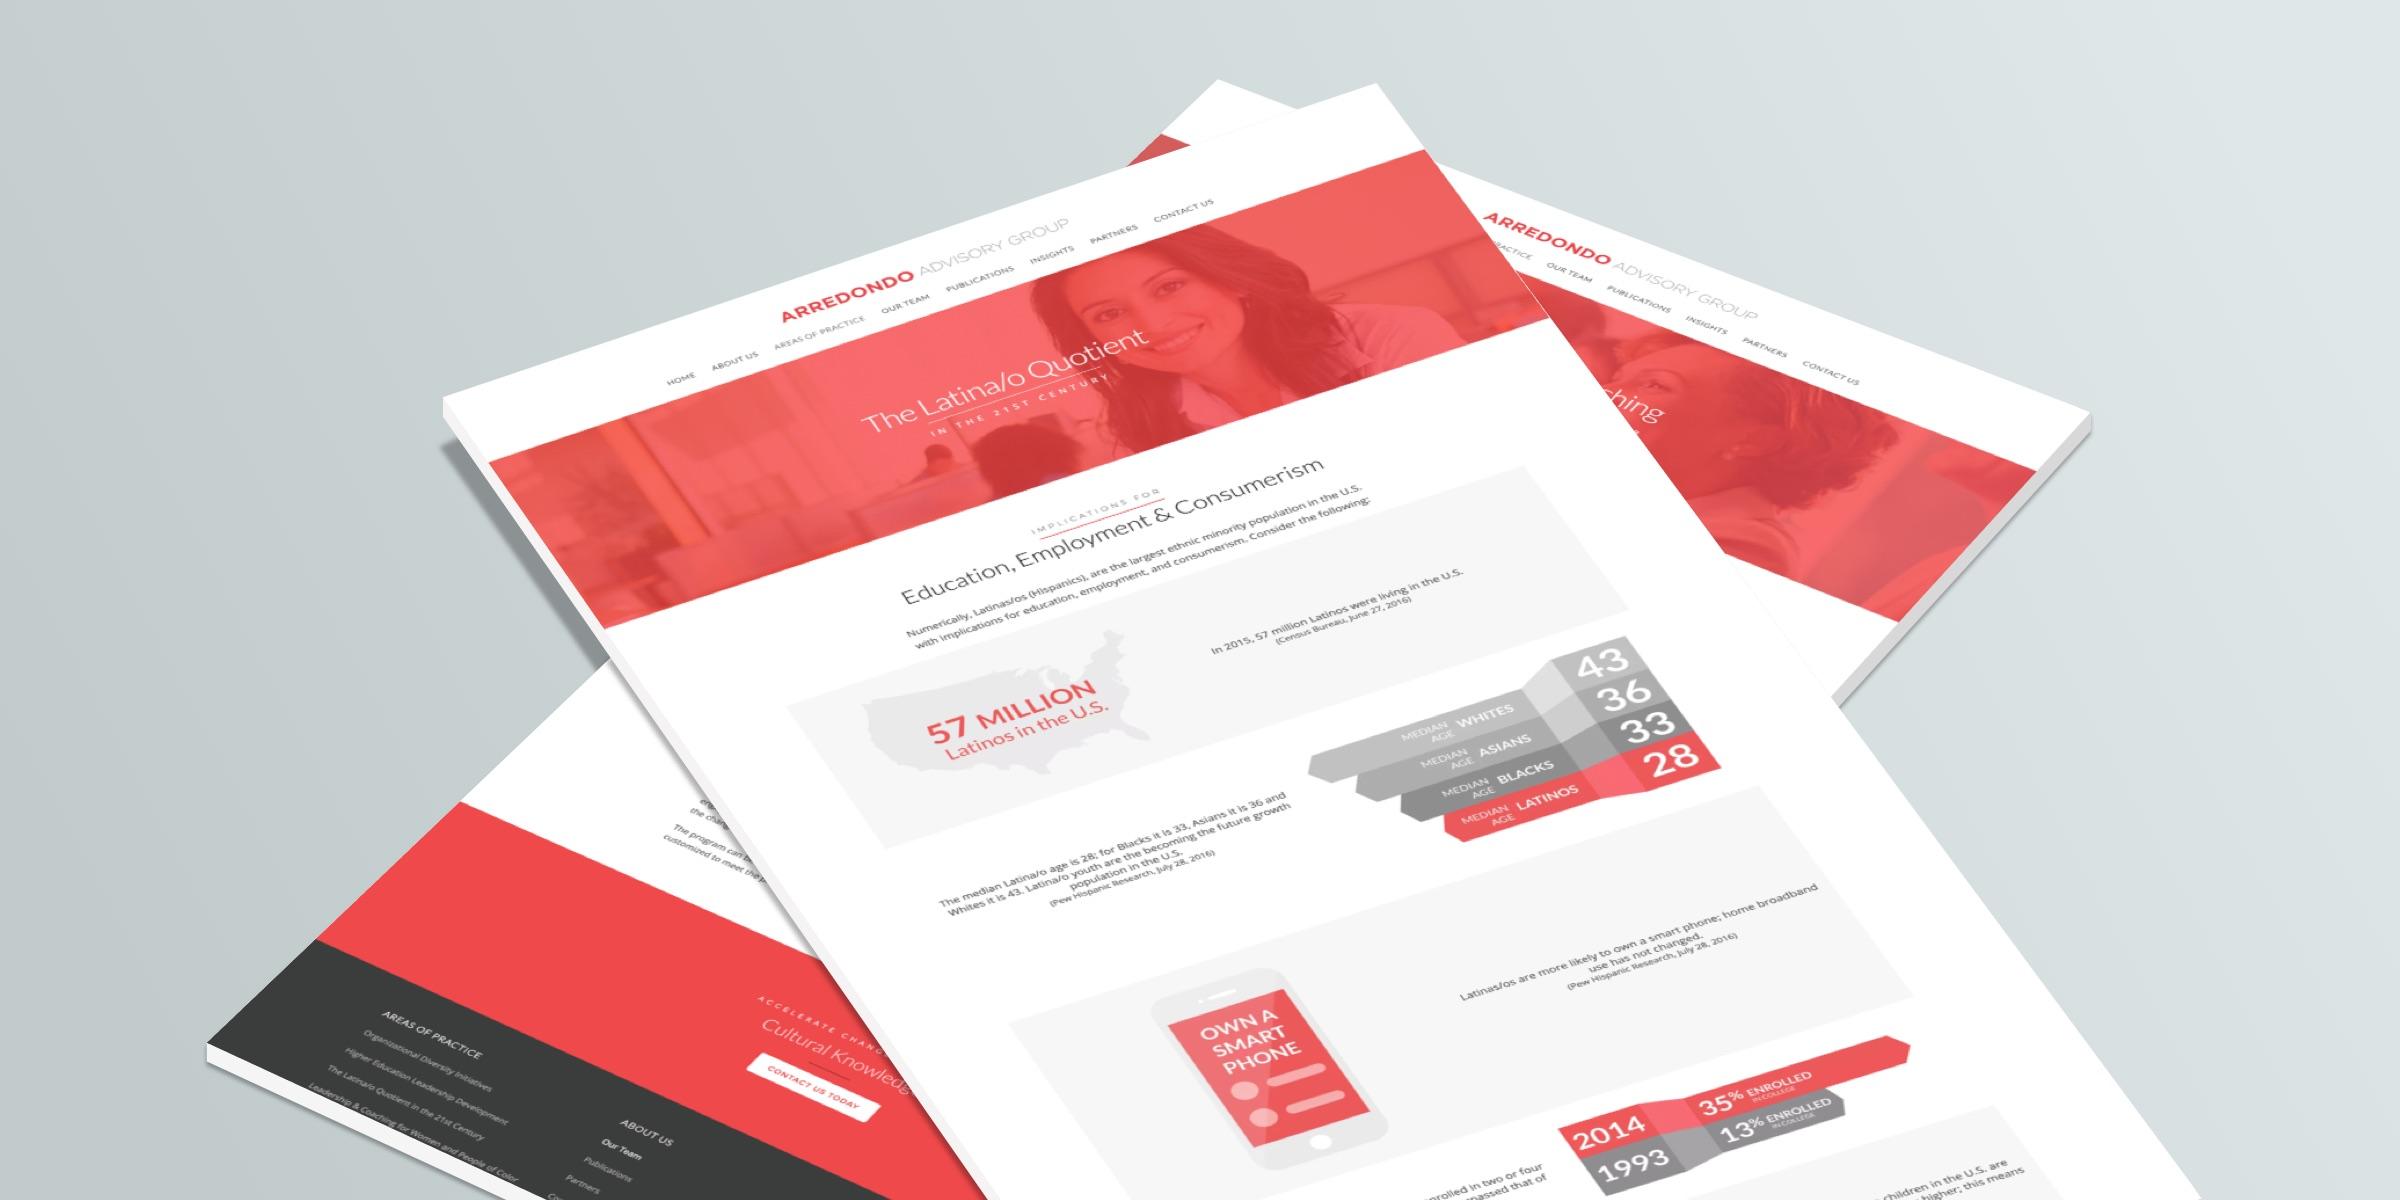 AAG Responsive Website Design